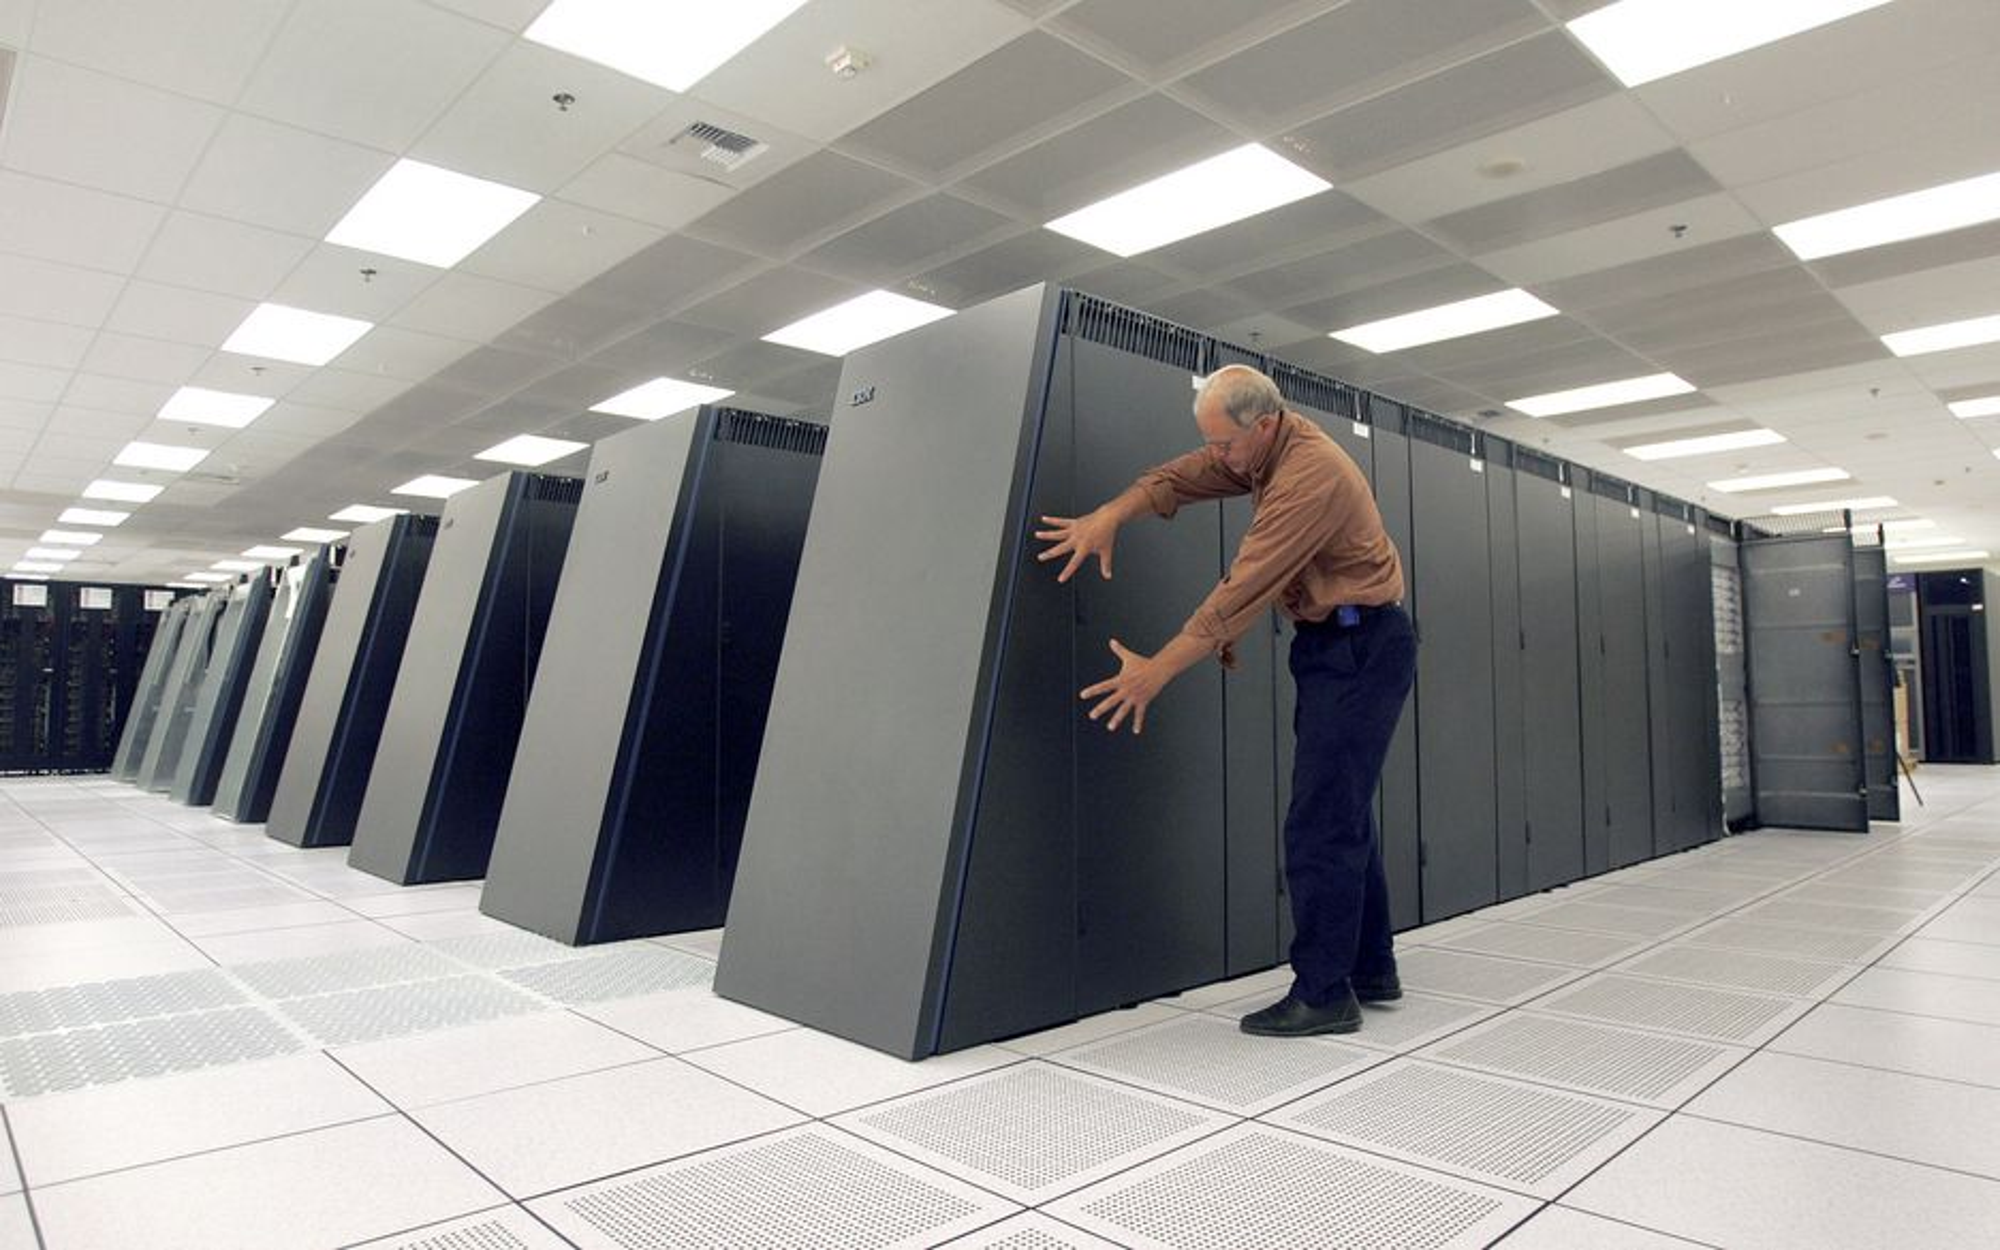 SUPERCOMPUTER: IBMs Blue Gene er regnet som en av de ledende supermaskinene i verden. Nordiske supercomputere kan nå bli samlet på Island for å kutte CO2-utslipp og få mer datakraft for pengene.